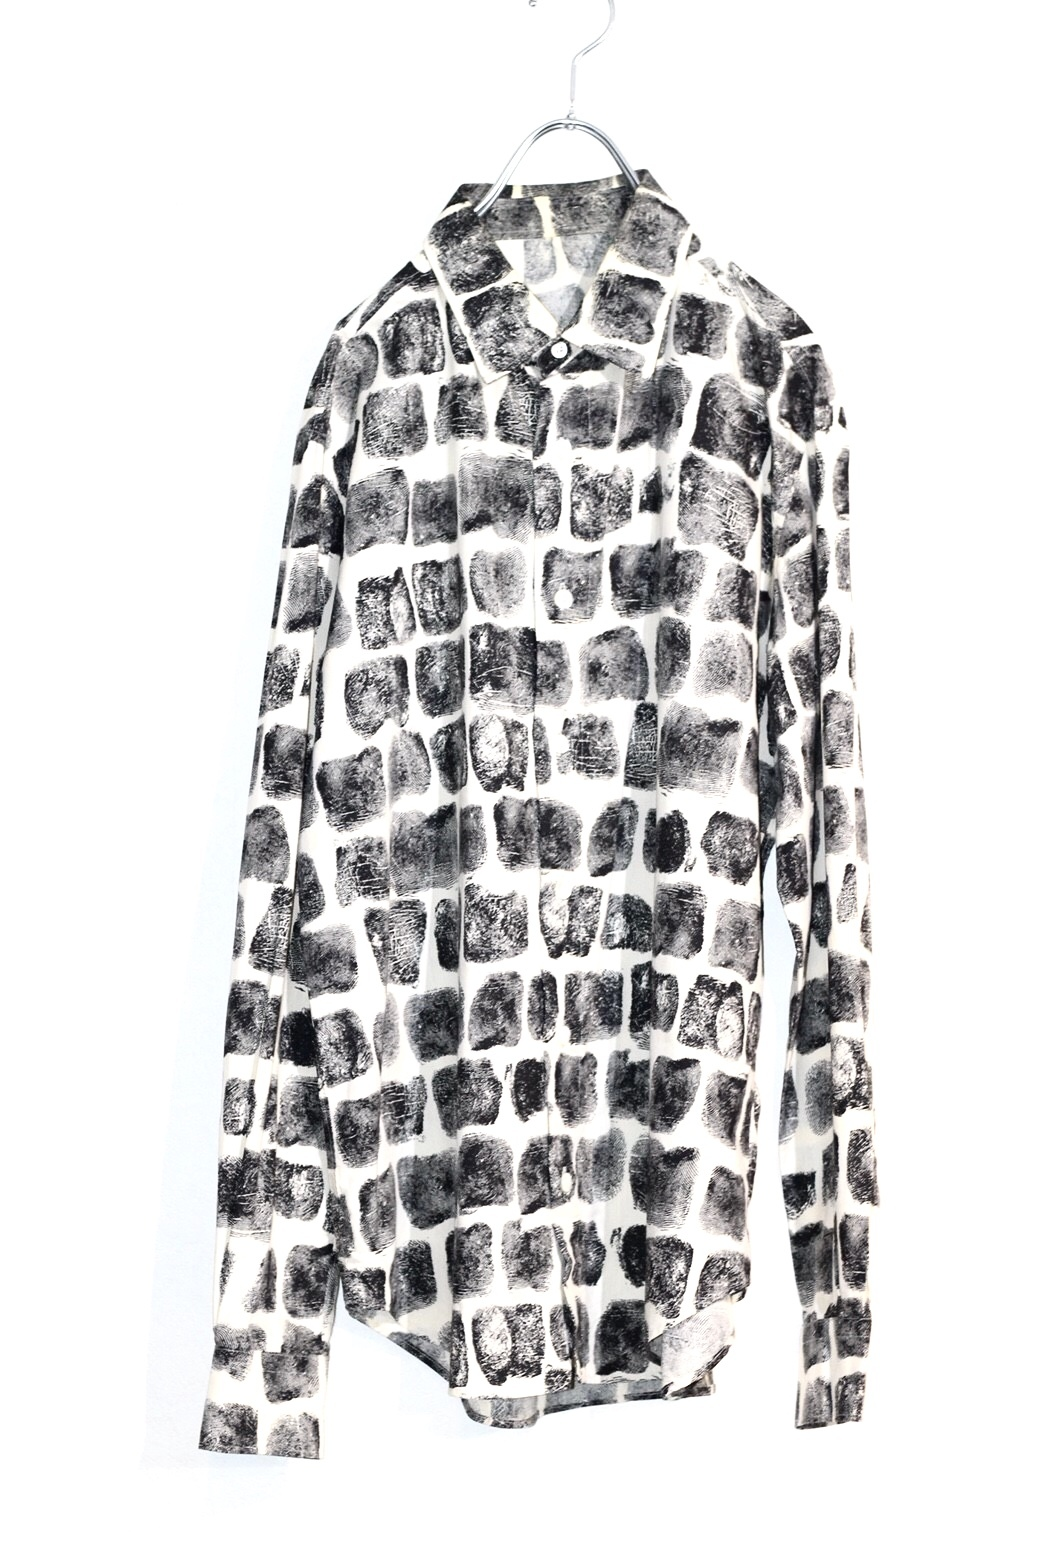 n.hollywood 指紋 shirt